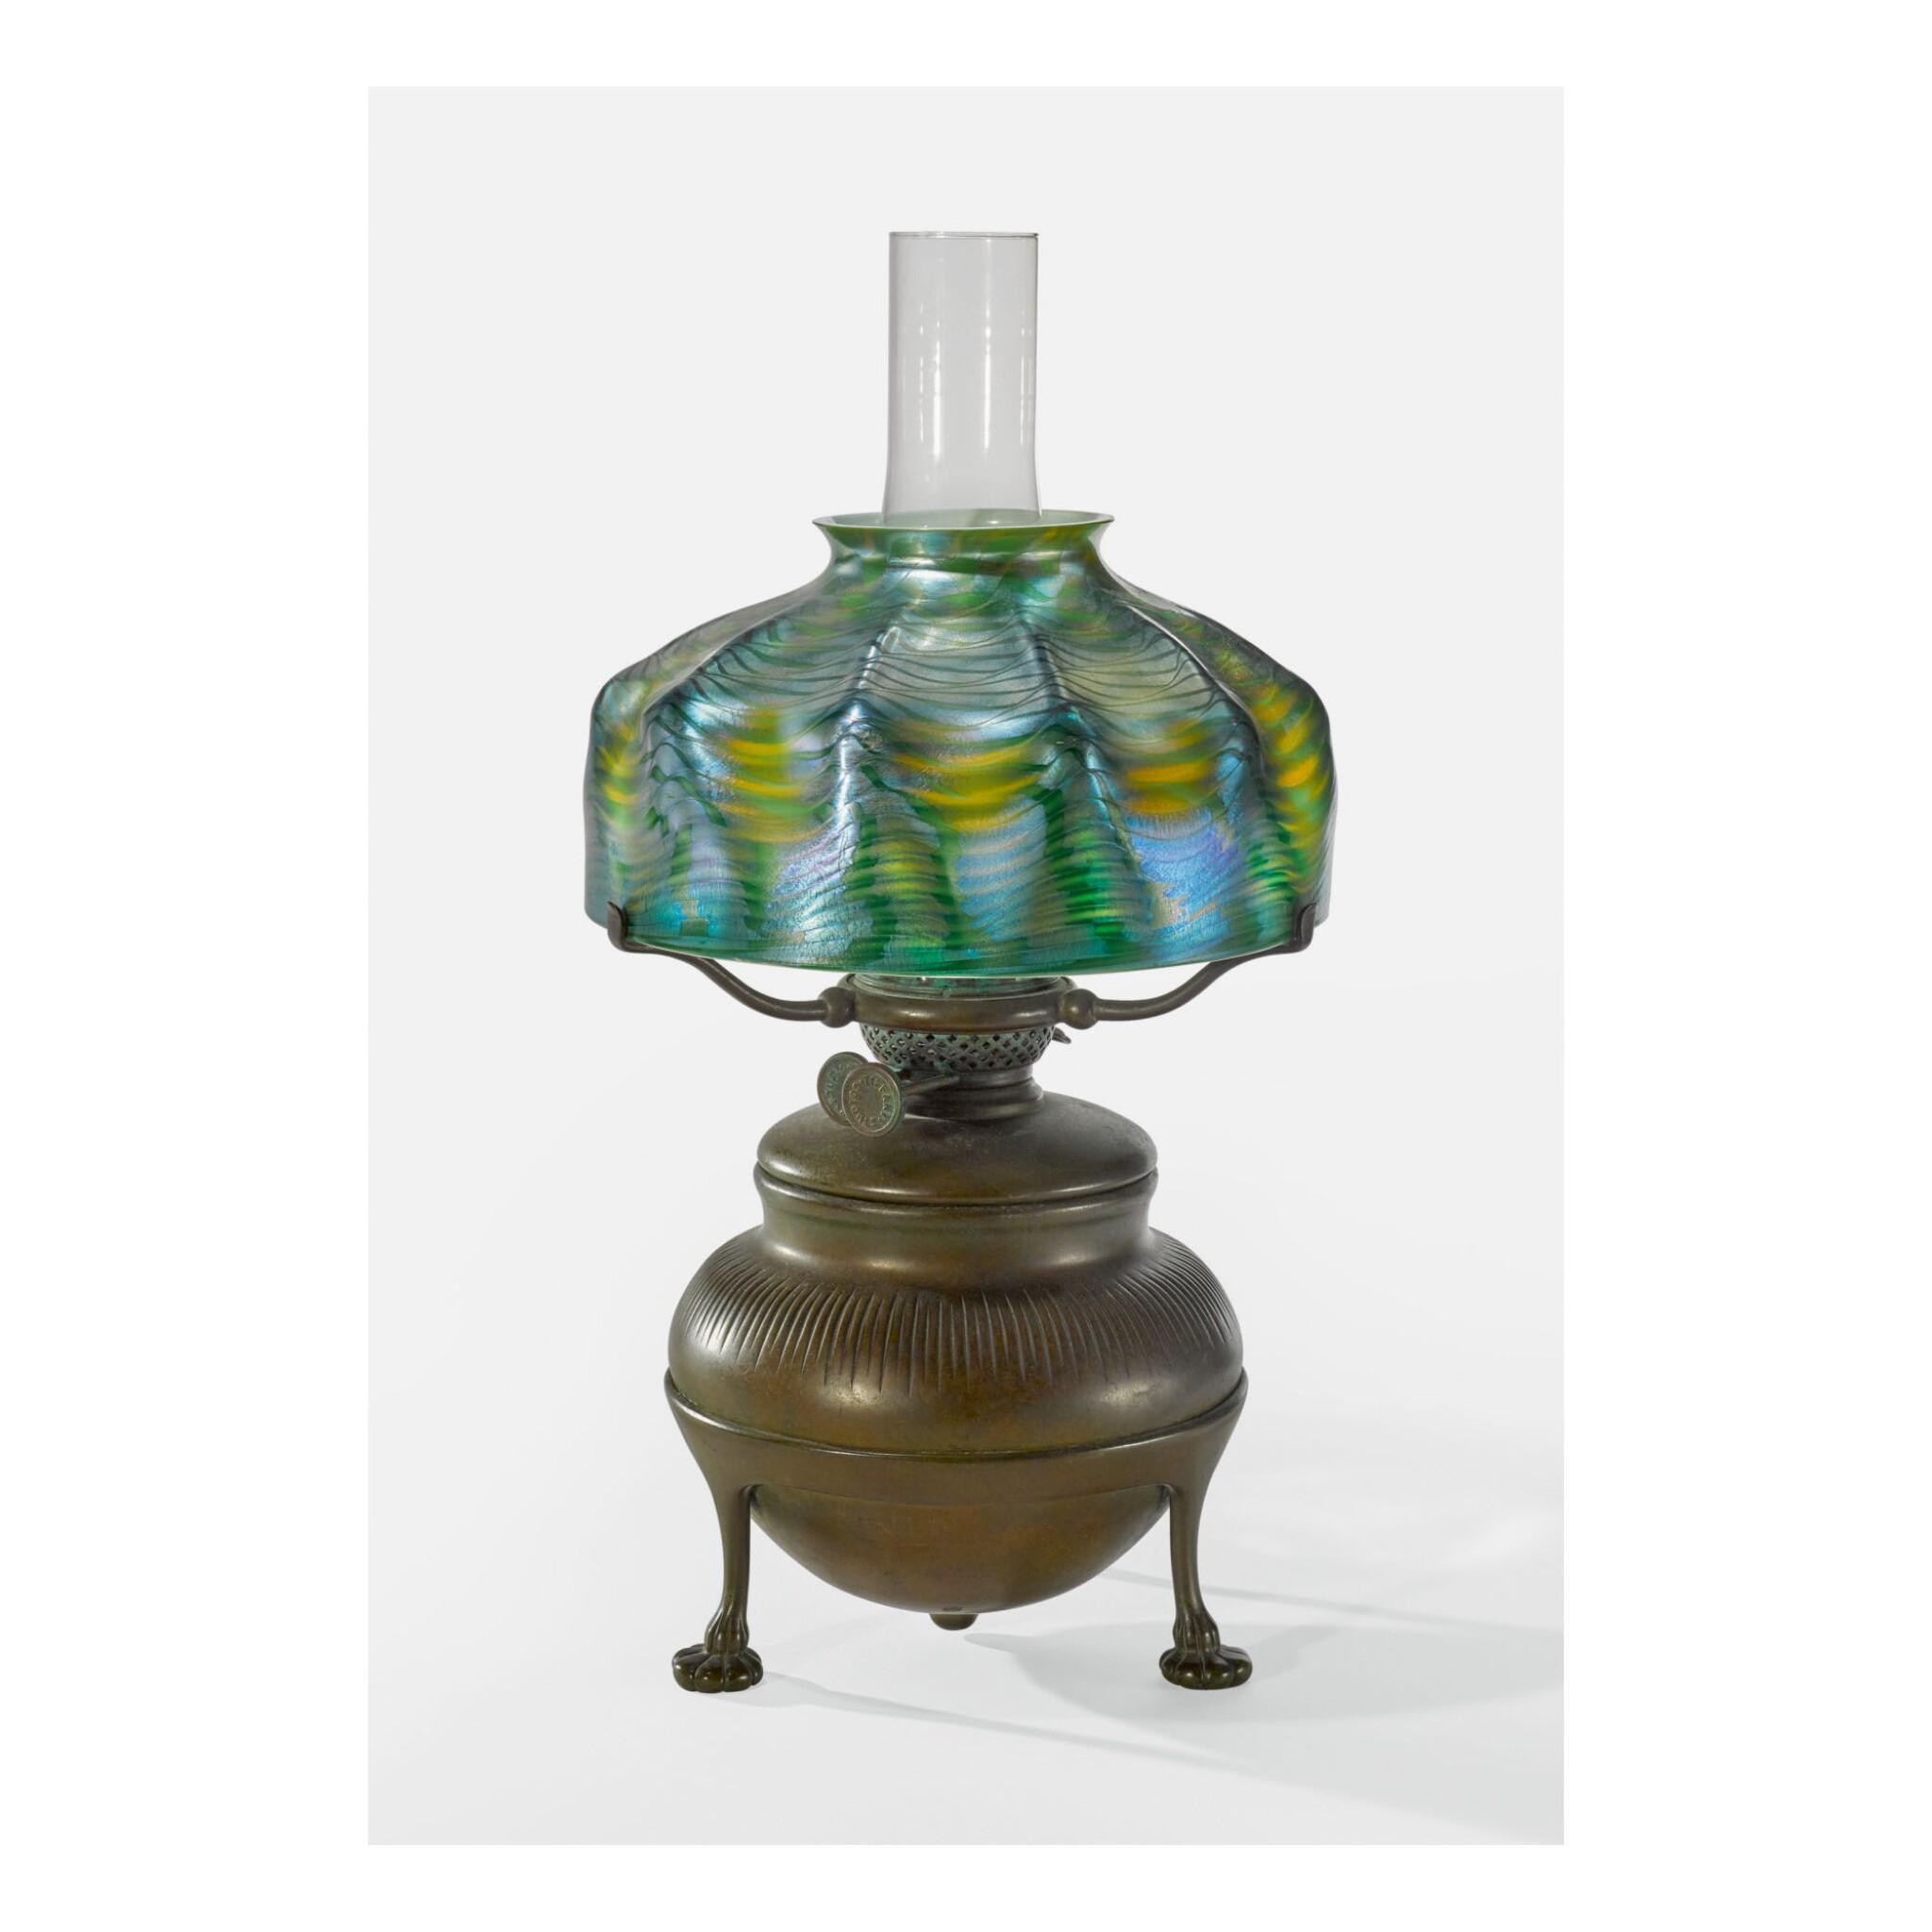 TIFFANY STUDIOS | KEROSENE TABLE LAMP